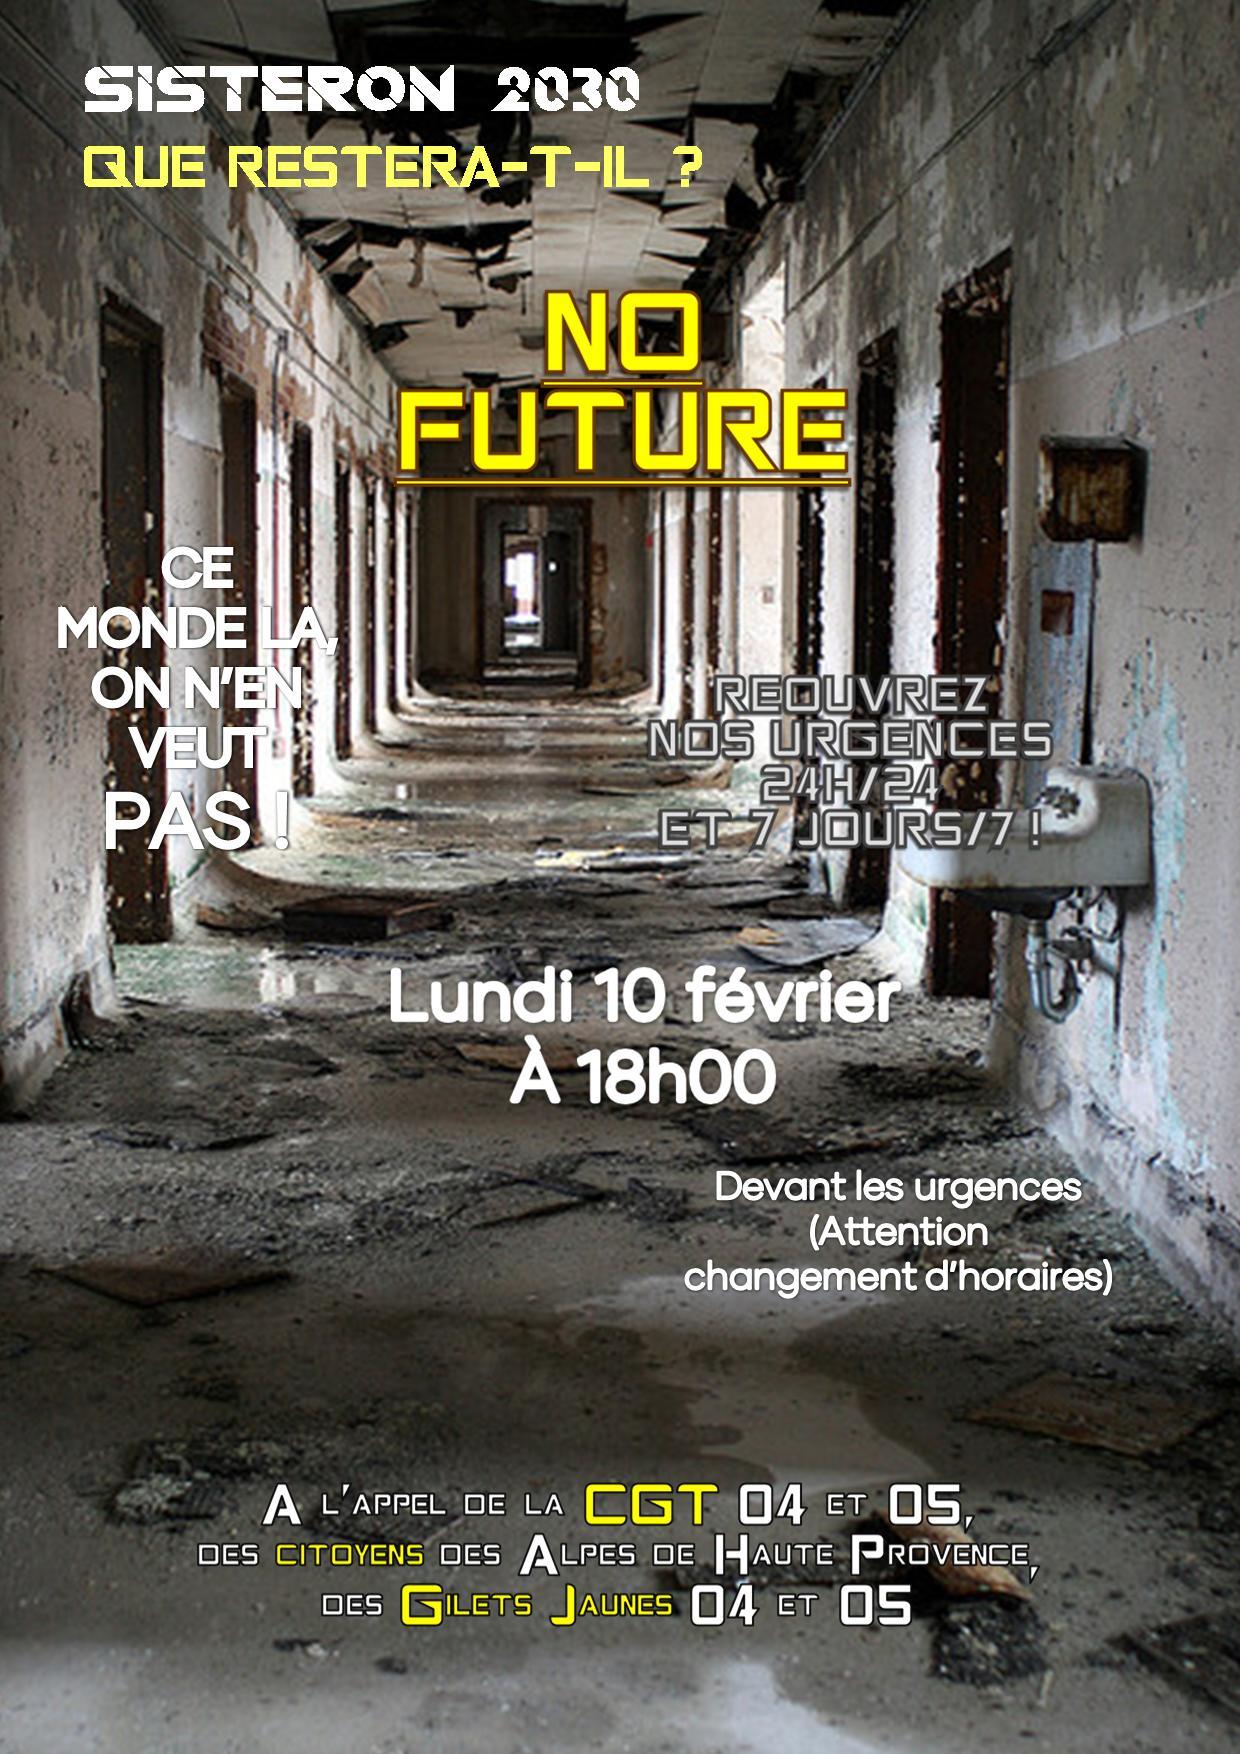 Tract Urgences de Sisteron No future 10 février 2020